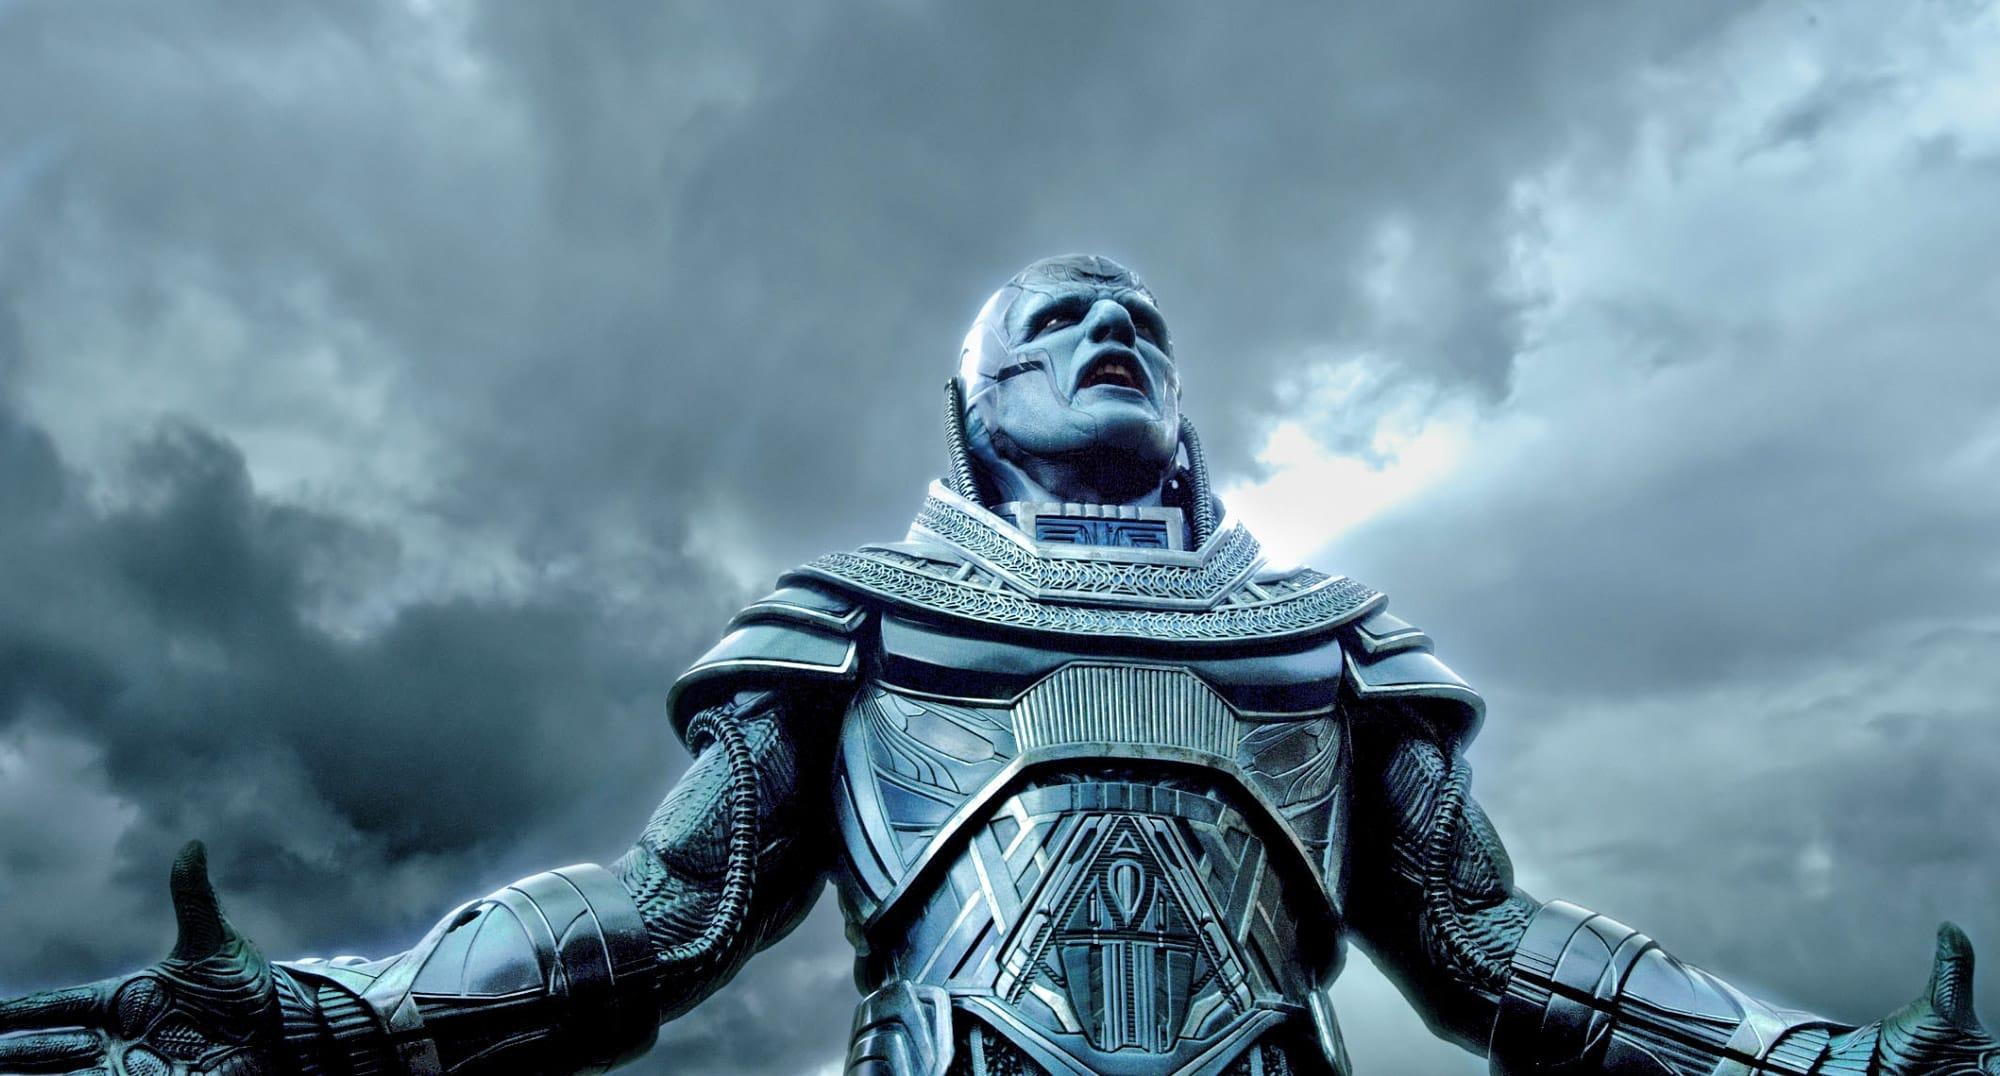 X-Men: Apocalypse is what happens when a superhero franchise runs out of ideas